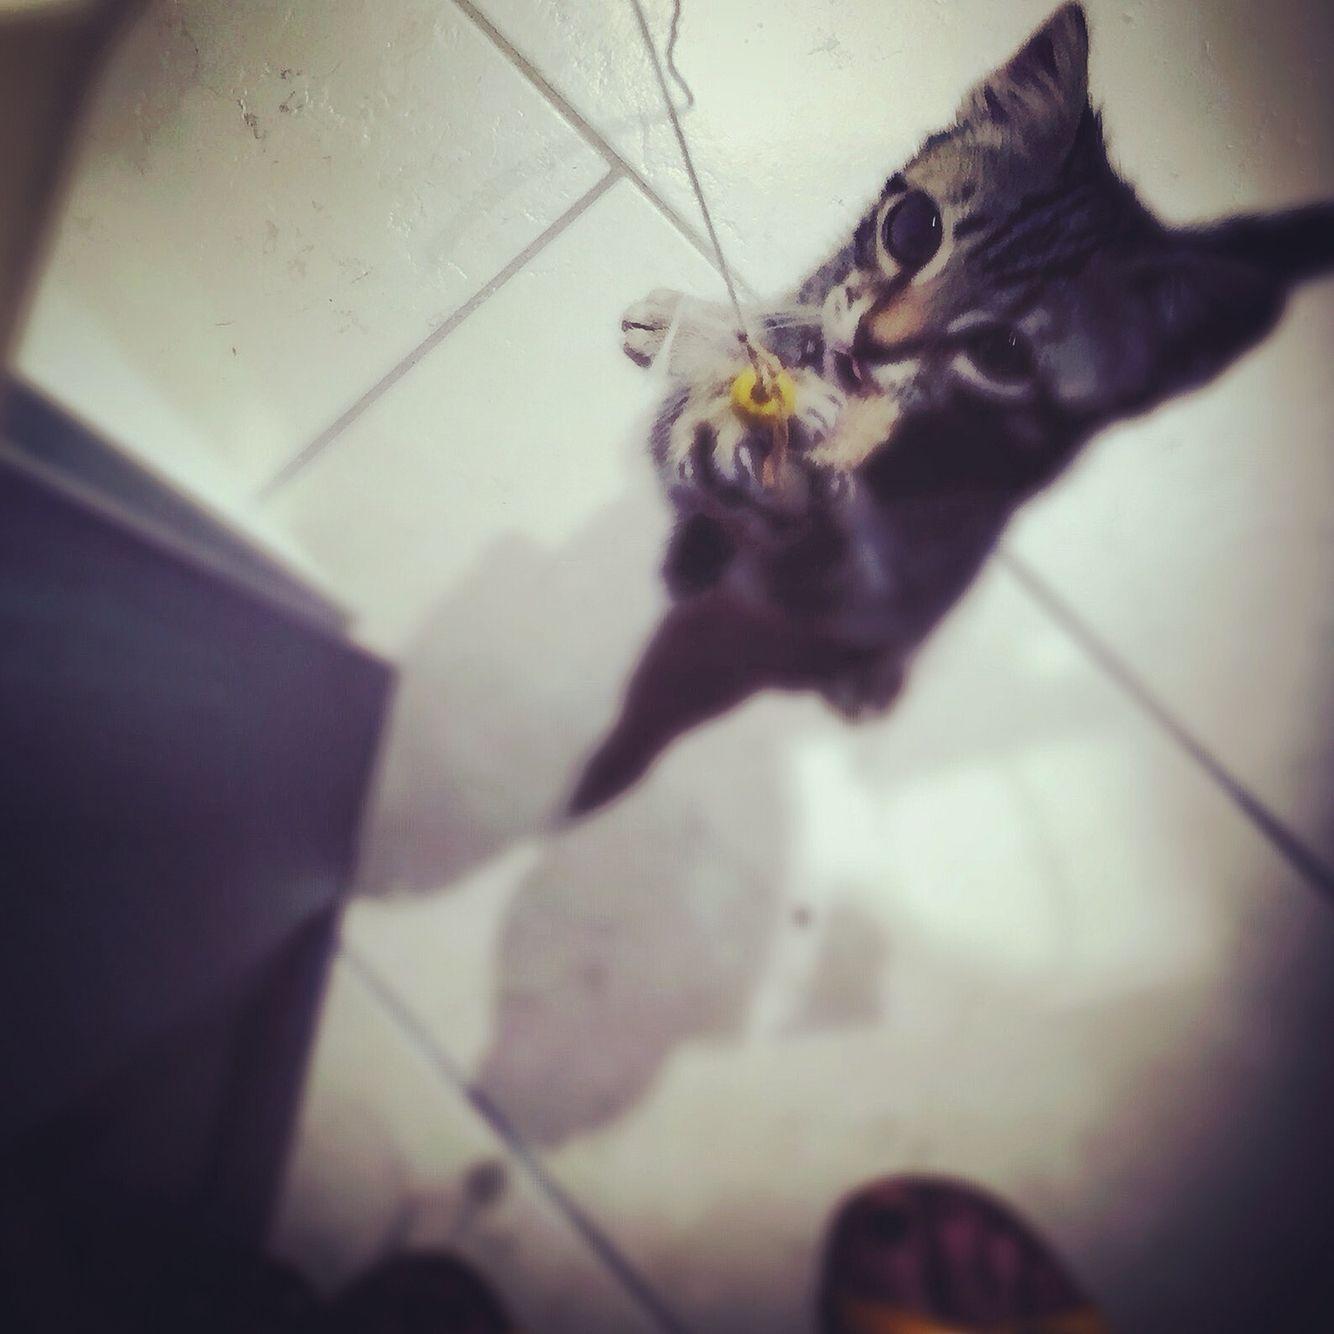 #Algo #kitten #love